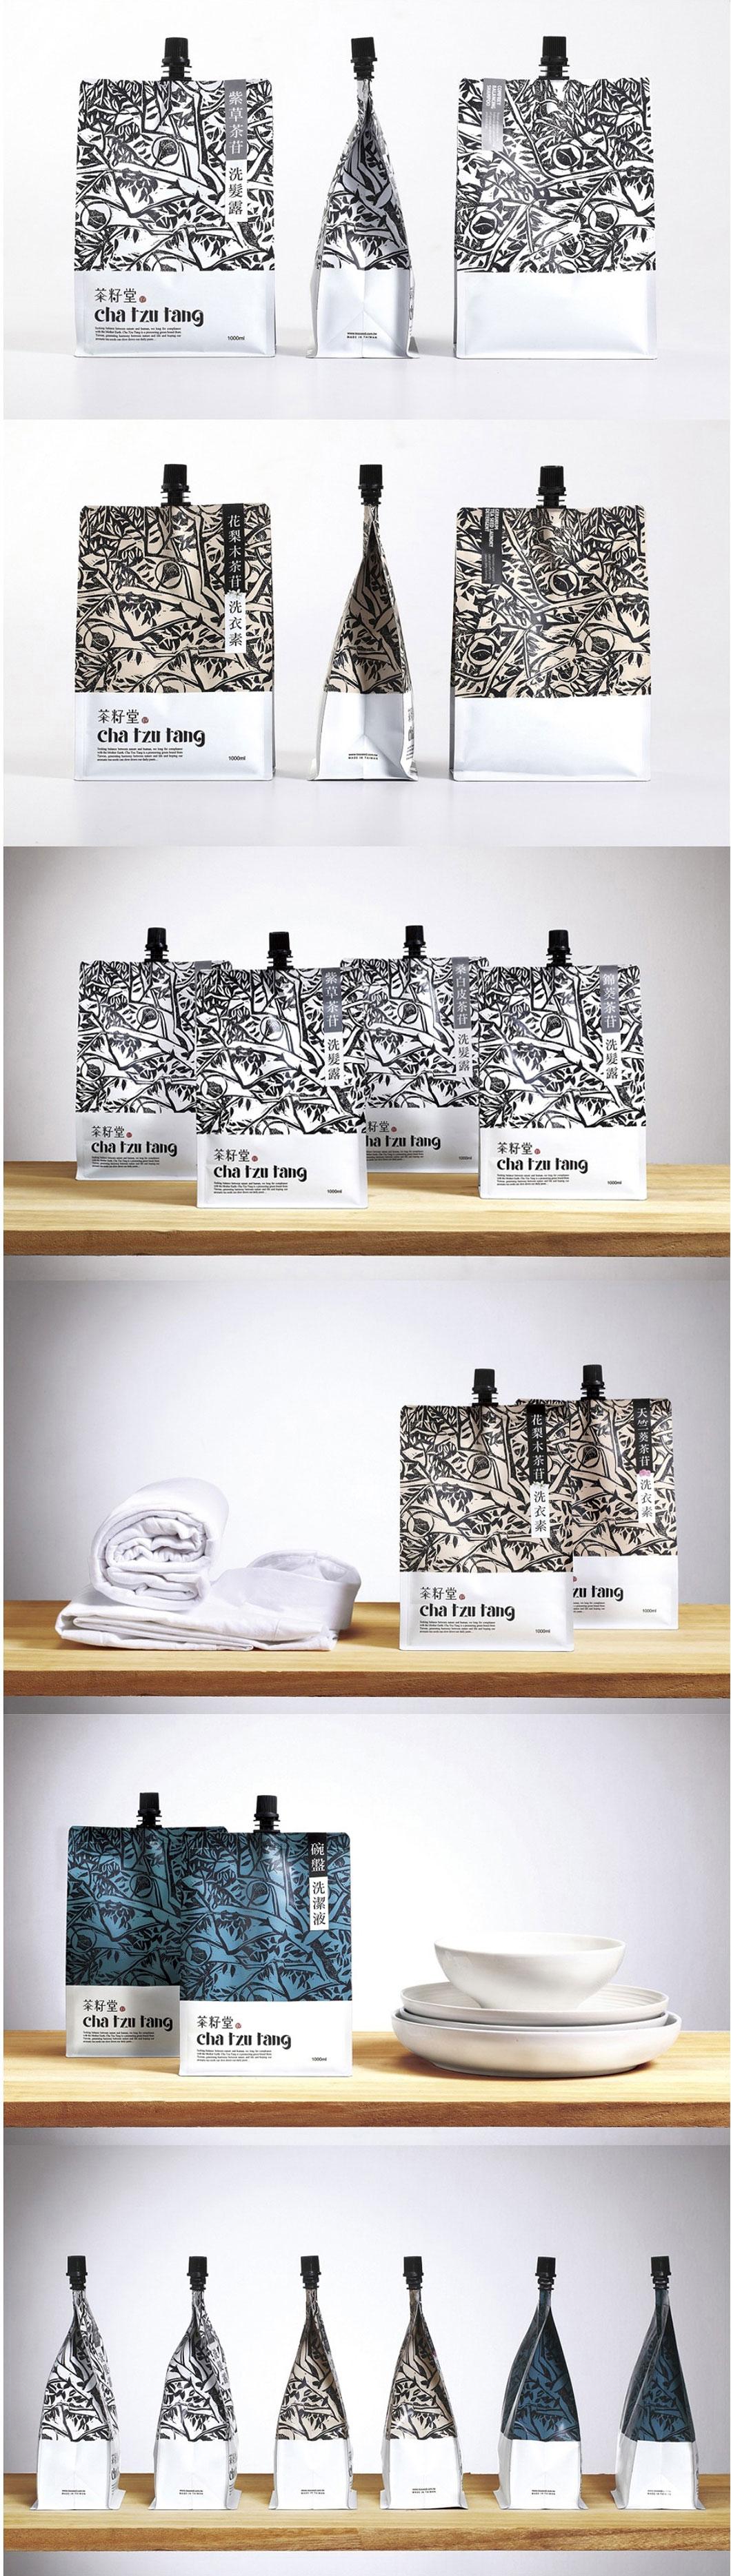 精選優秀中國風化妝品包裝設計欣賞